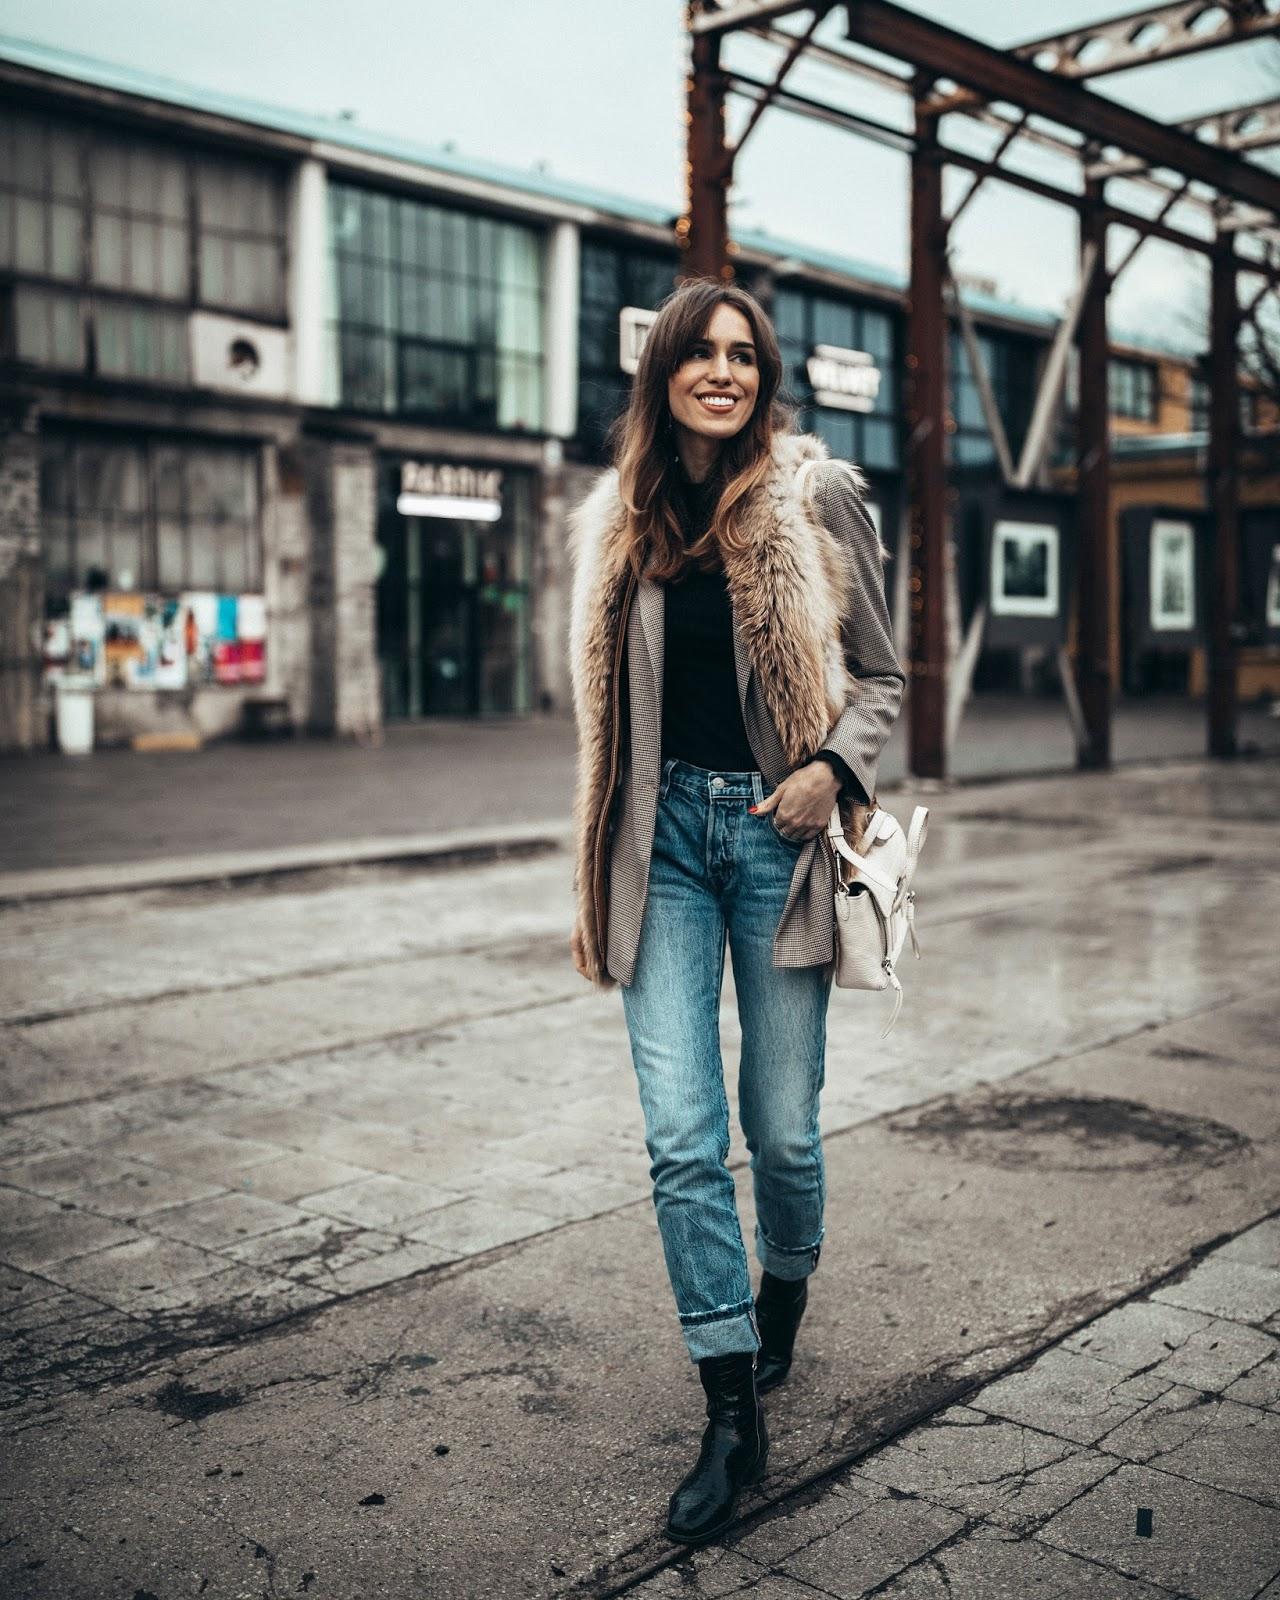 fur vest check blazer outfit winter